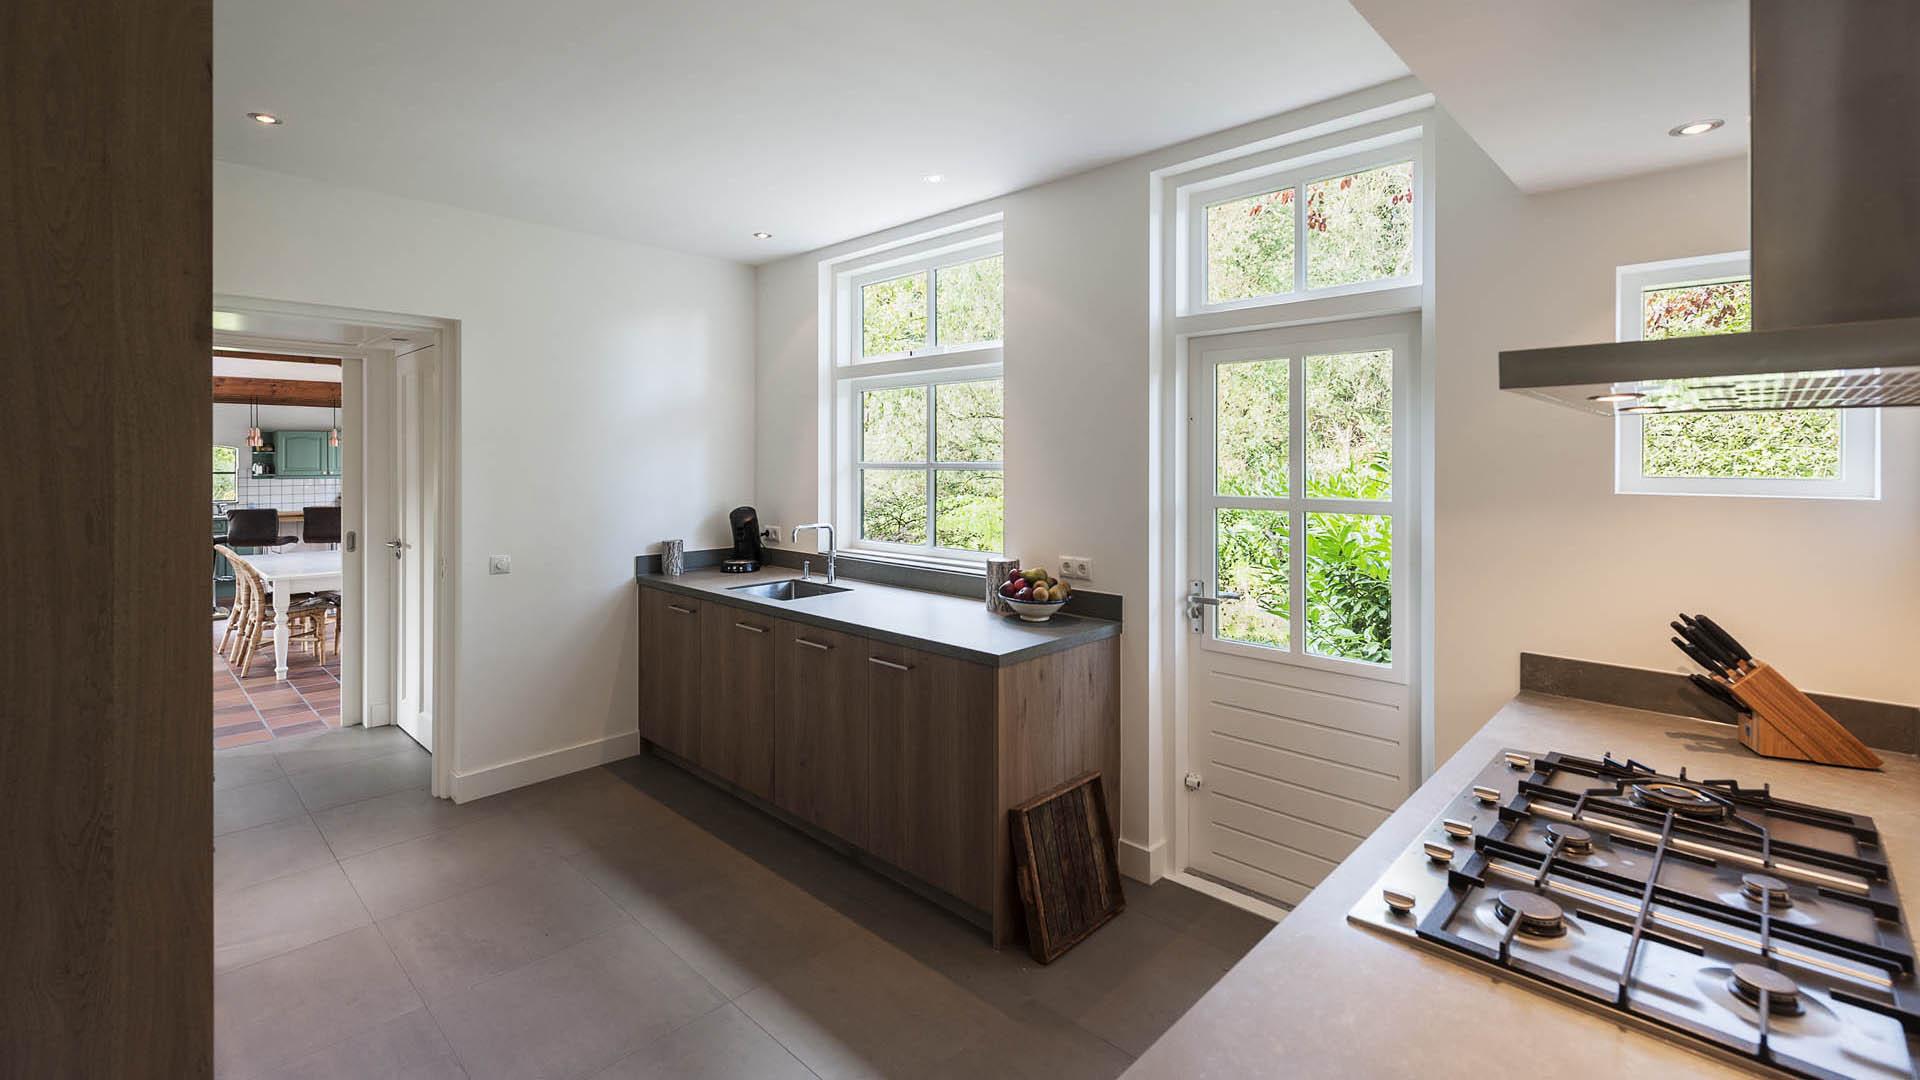 architectuur-delft-boerderij-renovatie-interieur-11 | Studio D11